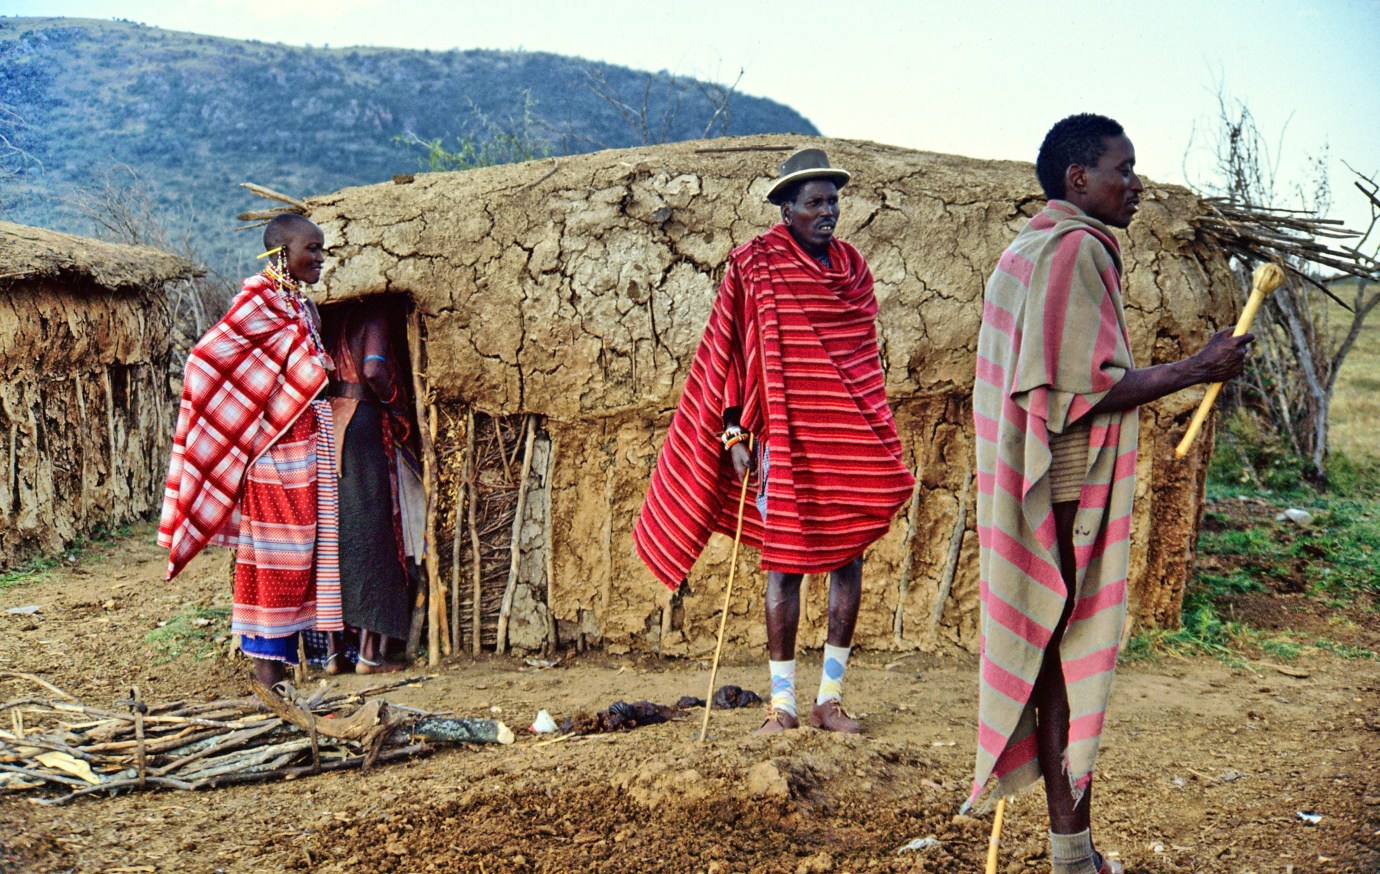 Masaai people Tanzania